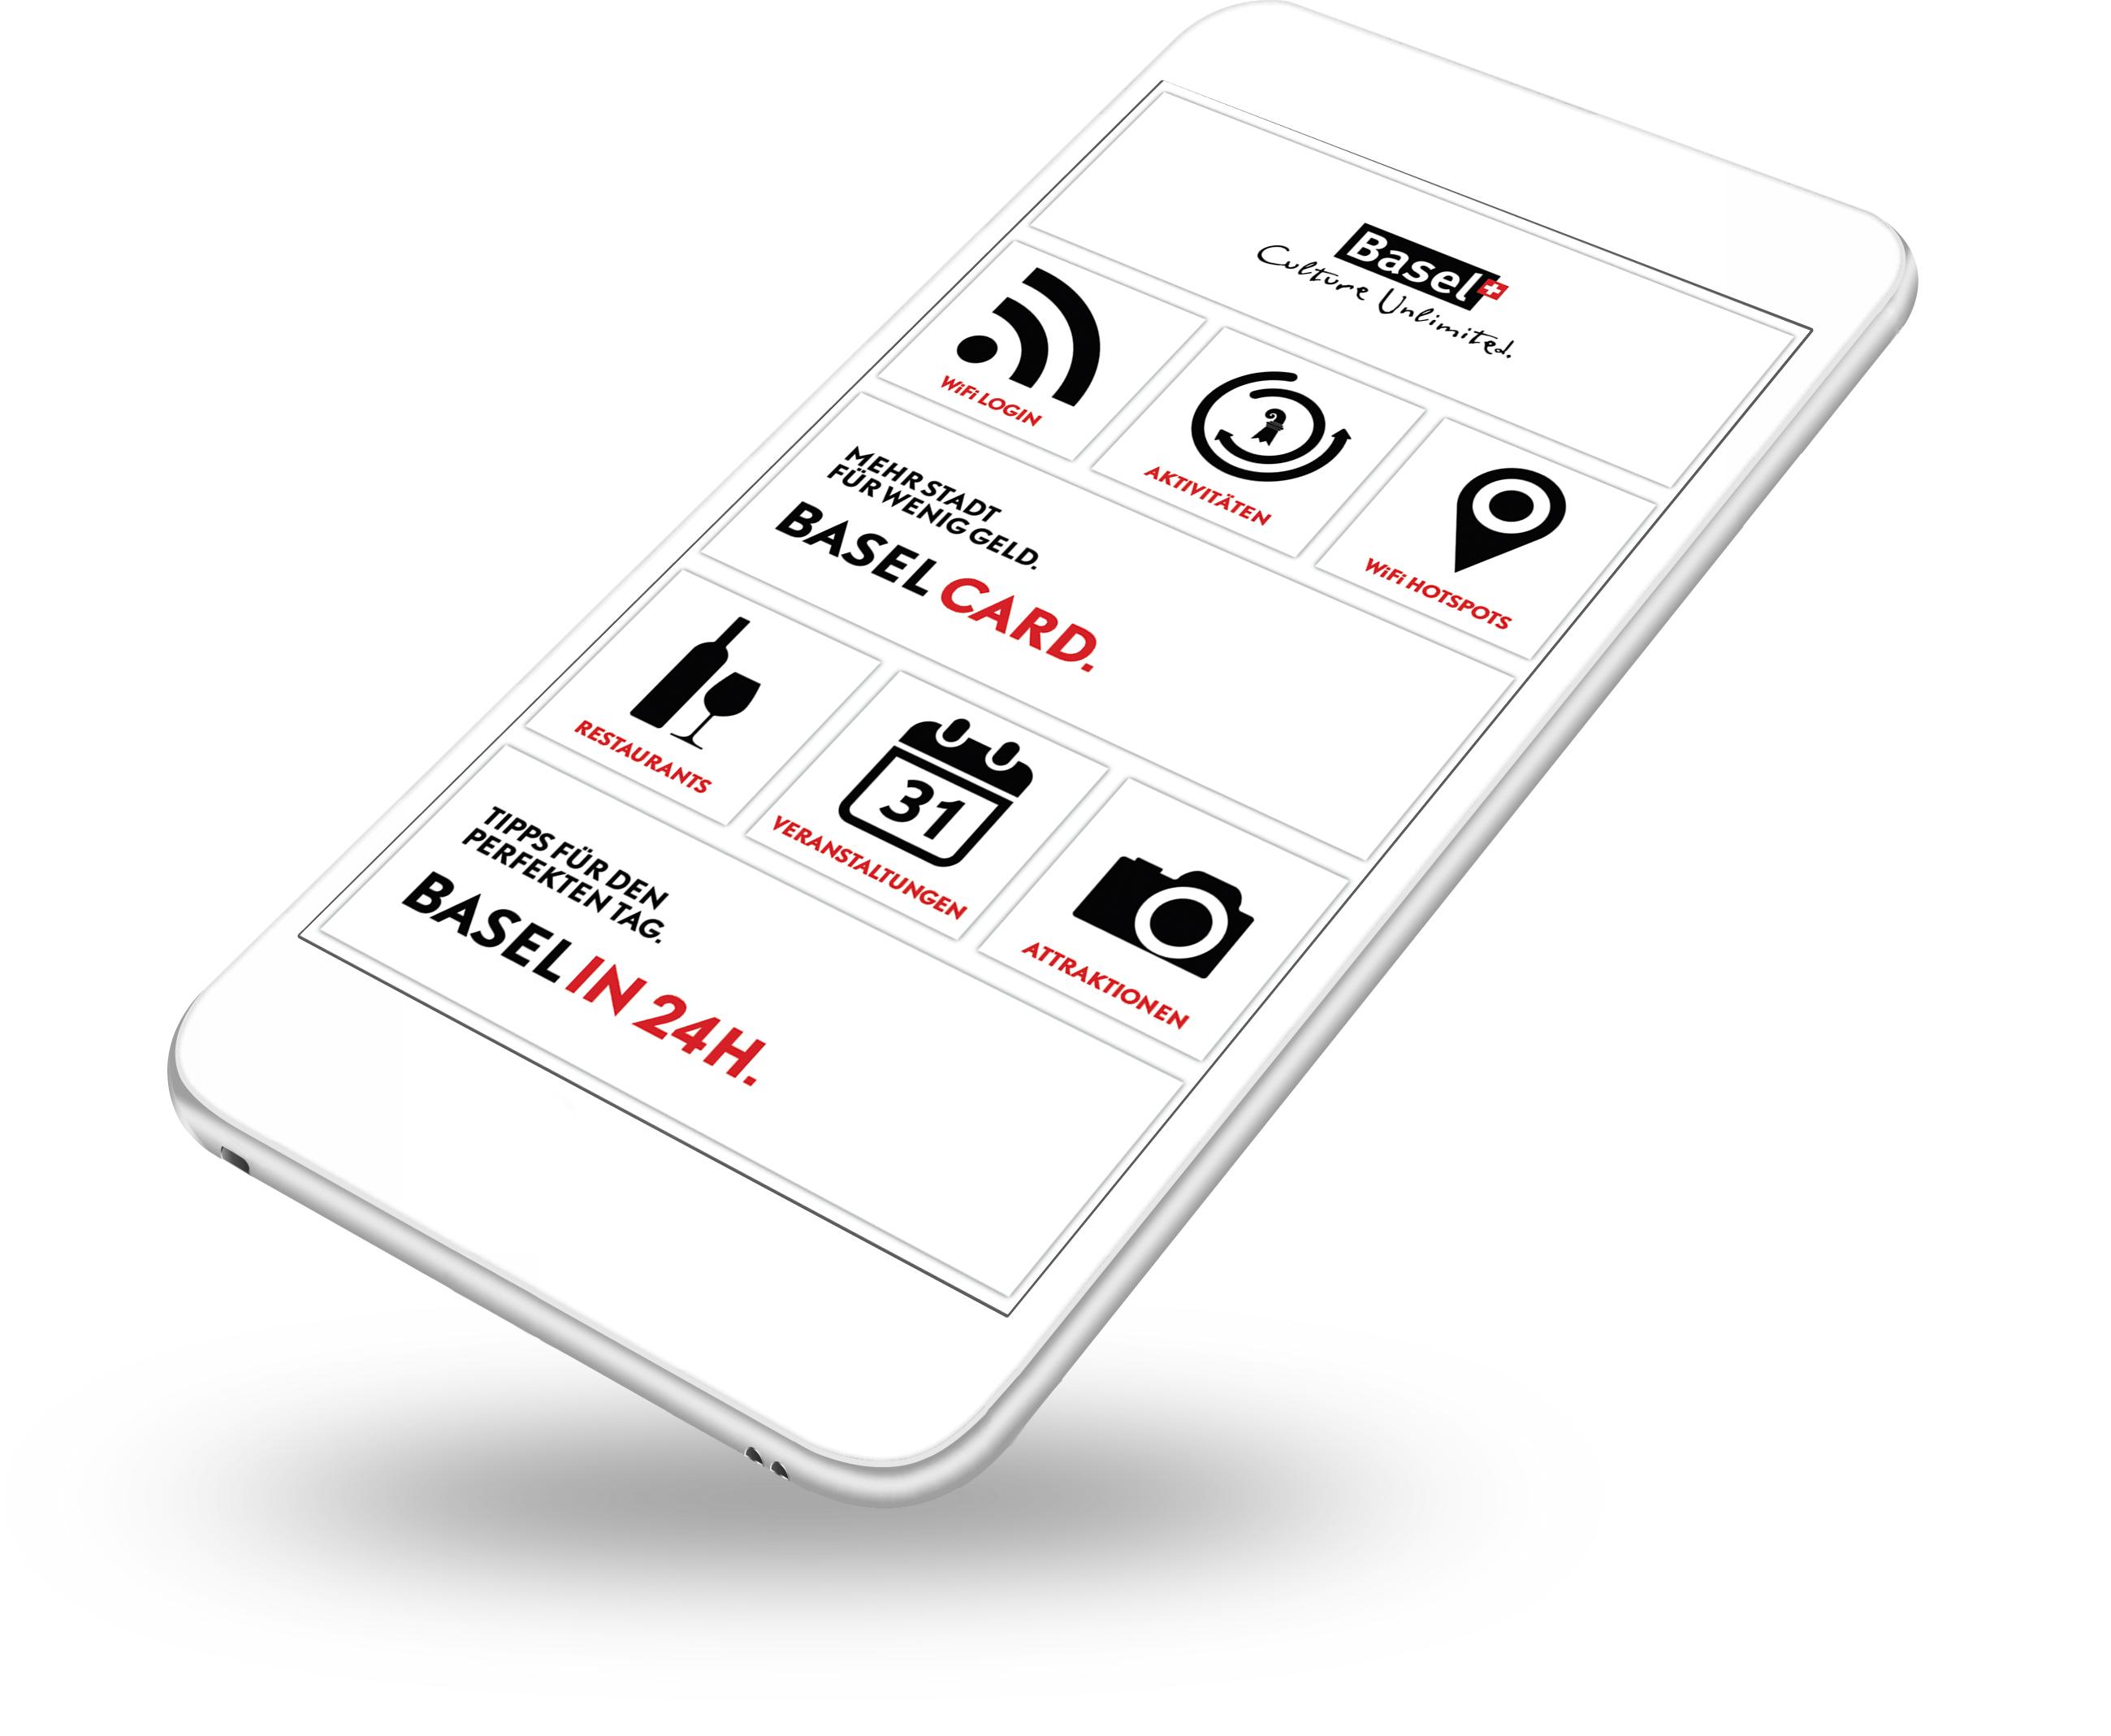 Diese App kommt mit dem WLAN und bietet Infos über Stadtführungen, Restaurants, Veranstaltungen und Attraktionen für Touristen.